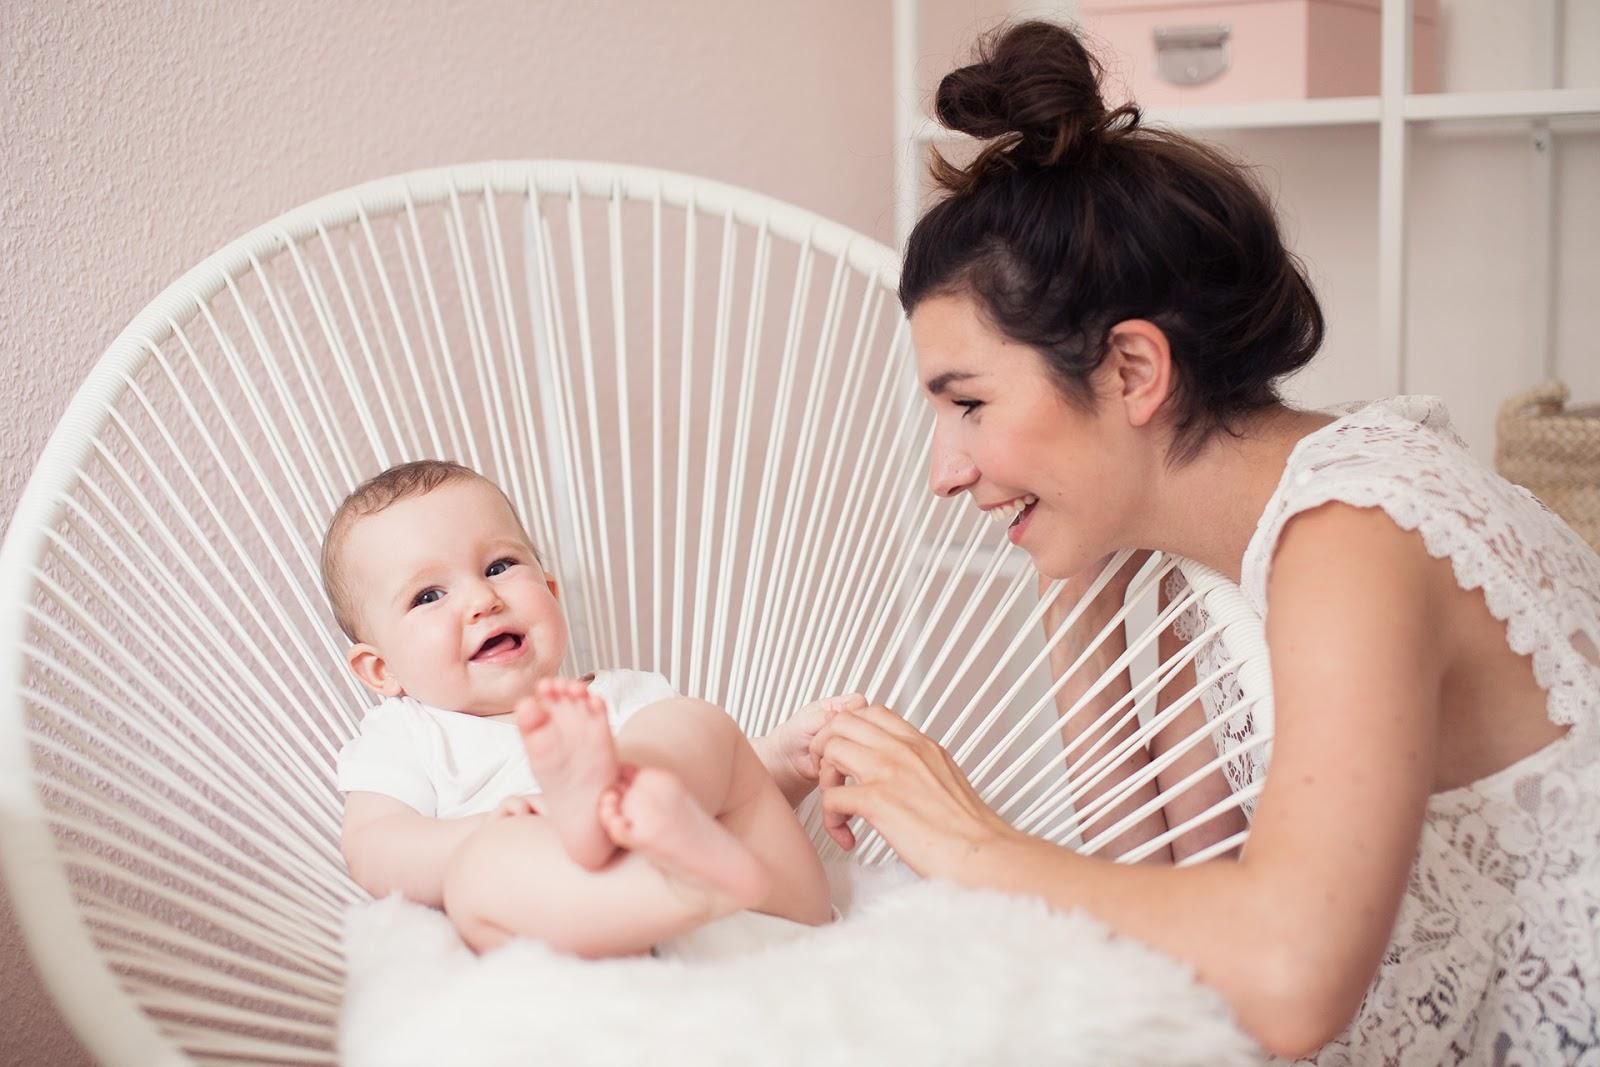 inlovewith we are moving 3 der umzug m nner mit geschmack tipps f r den umzug mit baby. Black Bedroom Furniture Sets. Home Design Ideas